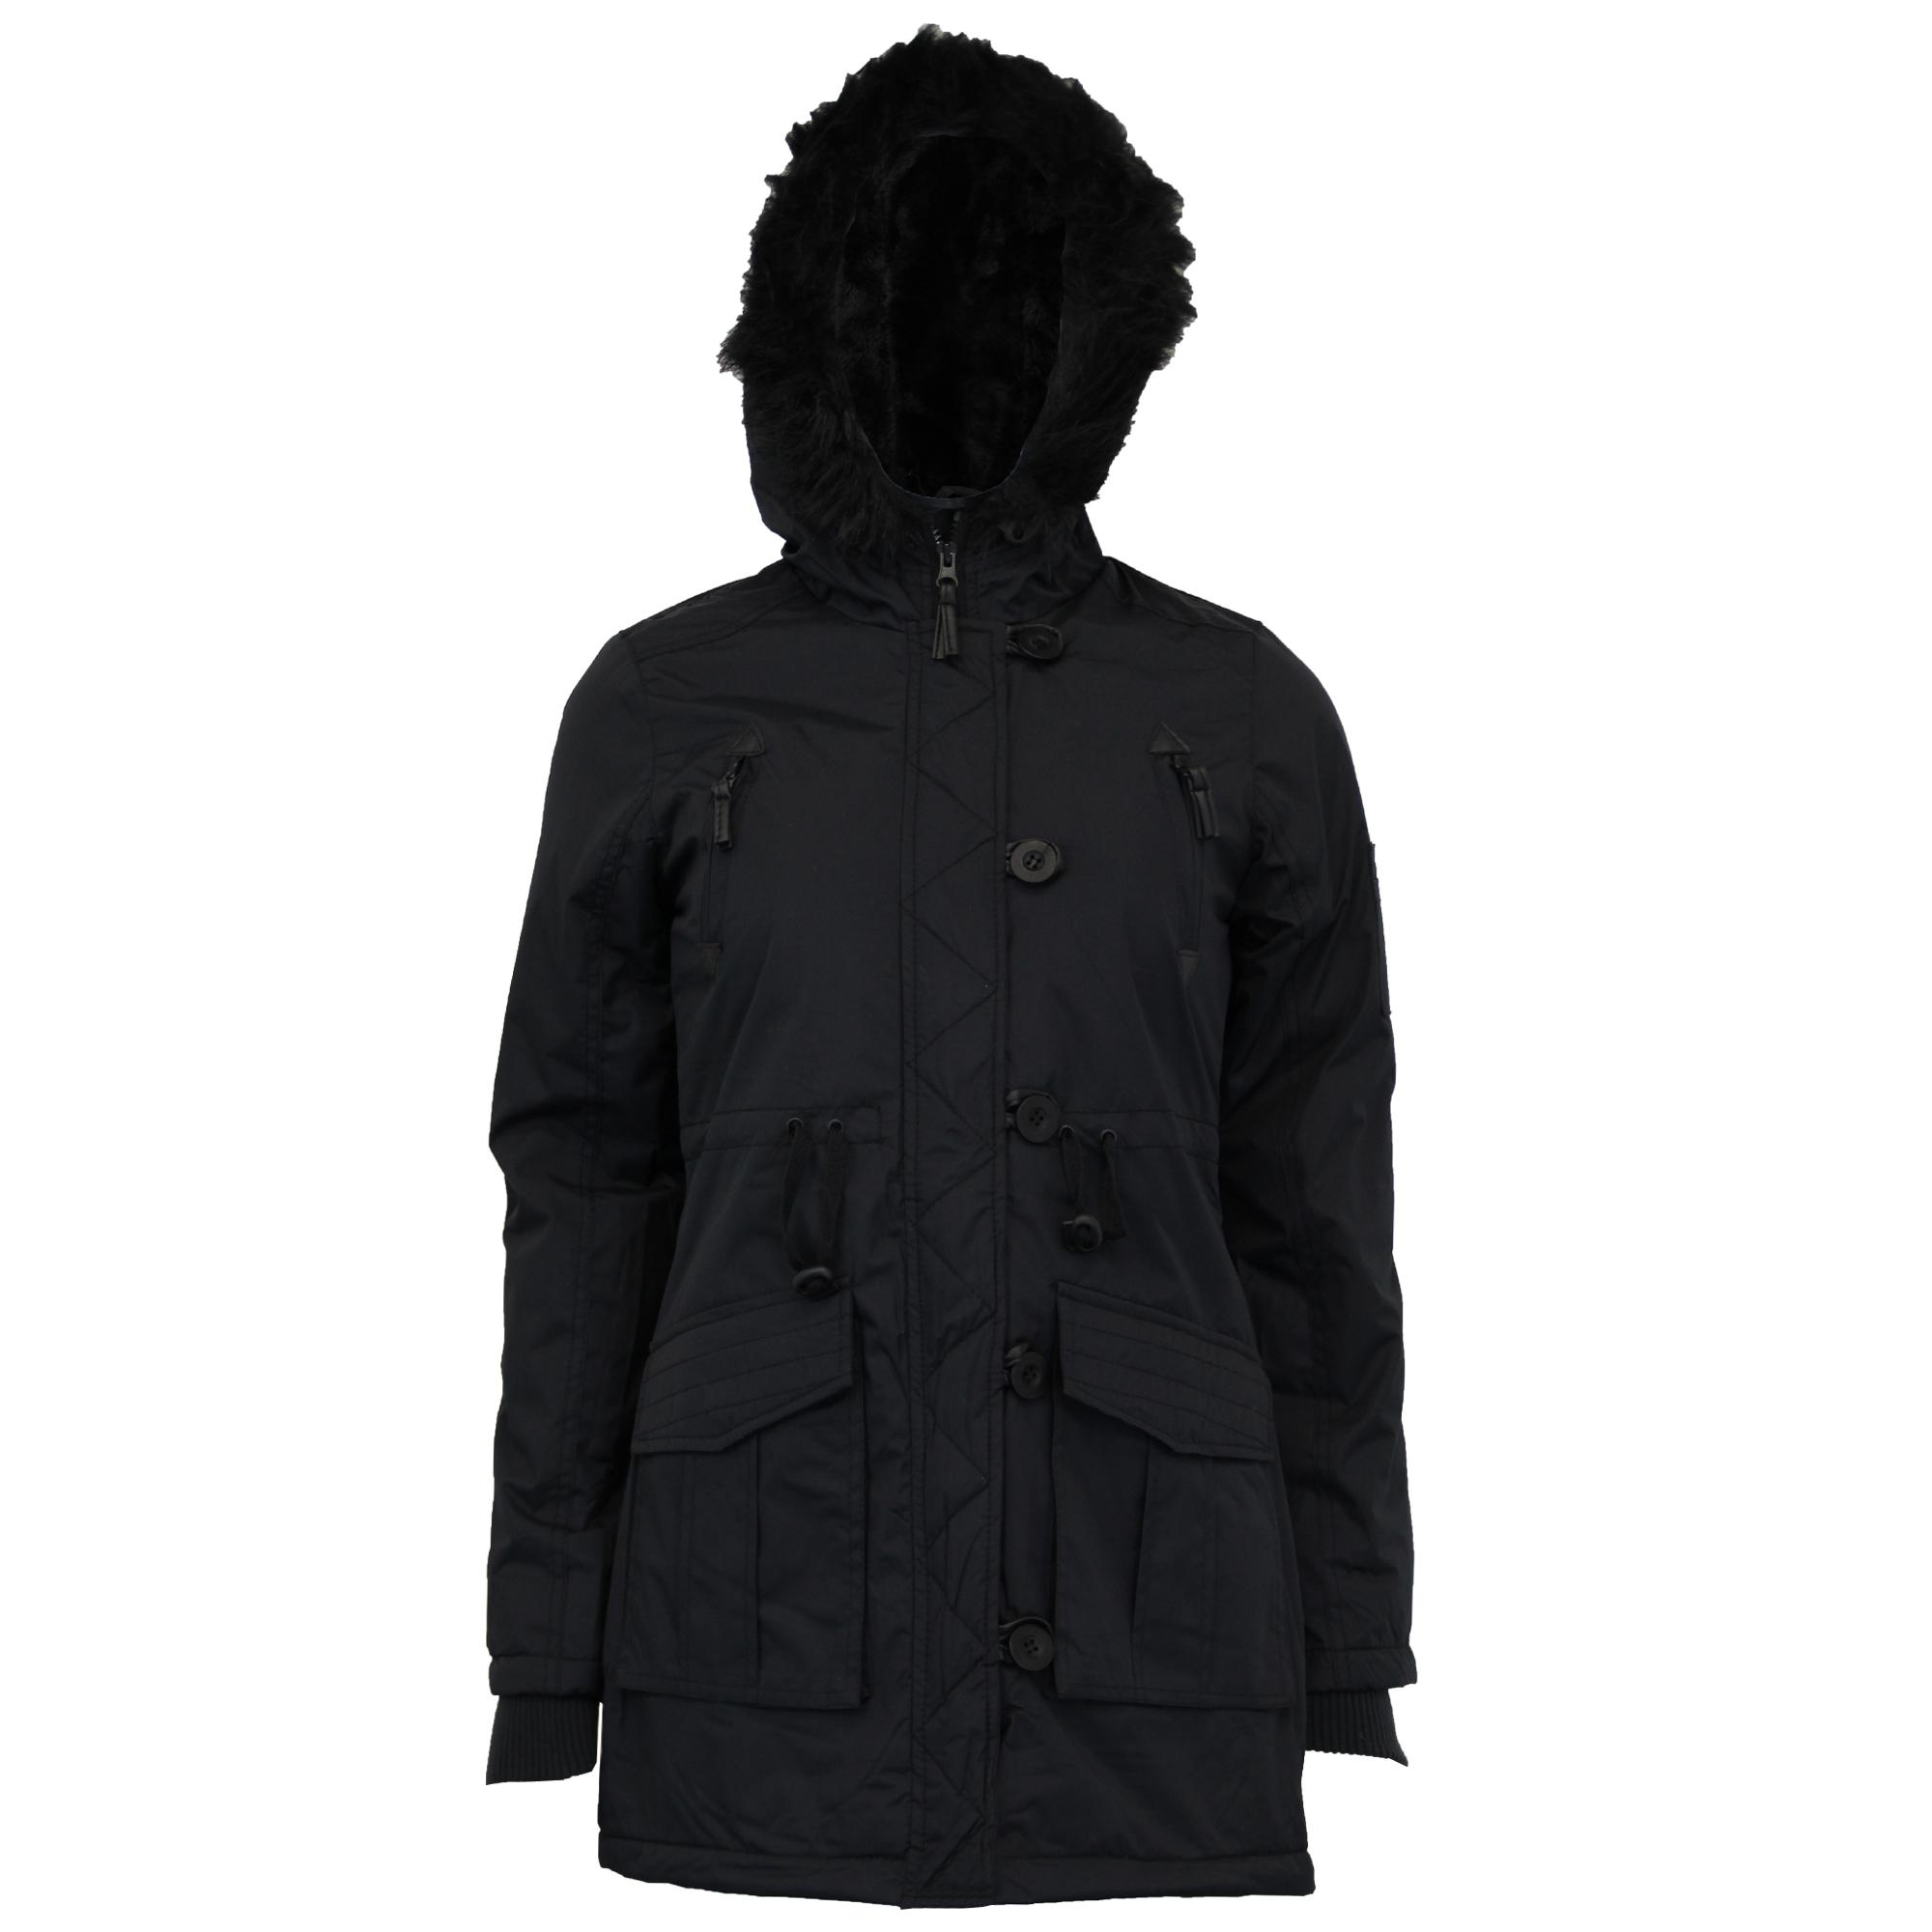 Parka Rembourrᄄᆭe Manteau Femme Avec Brave En Fourrure Capuche Militaire Soul lK1JcTF